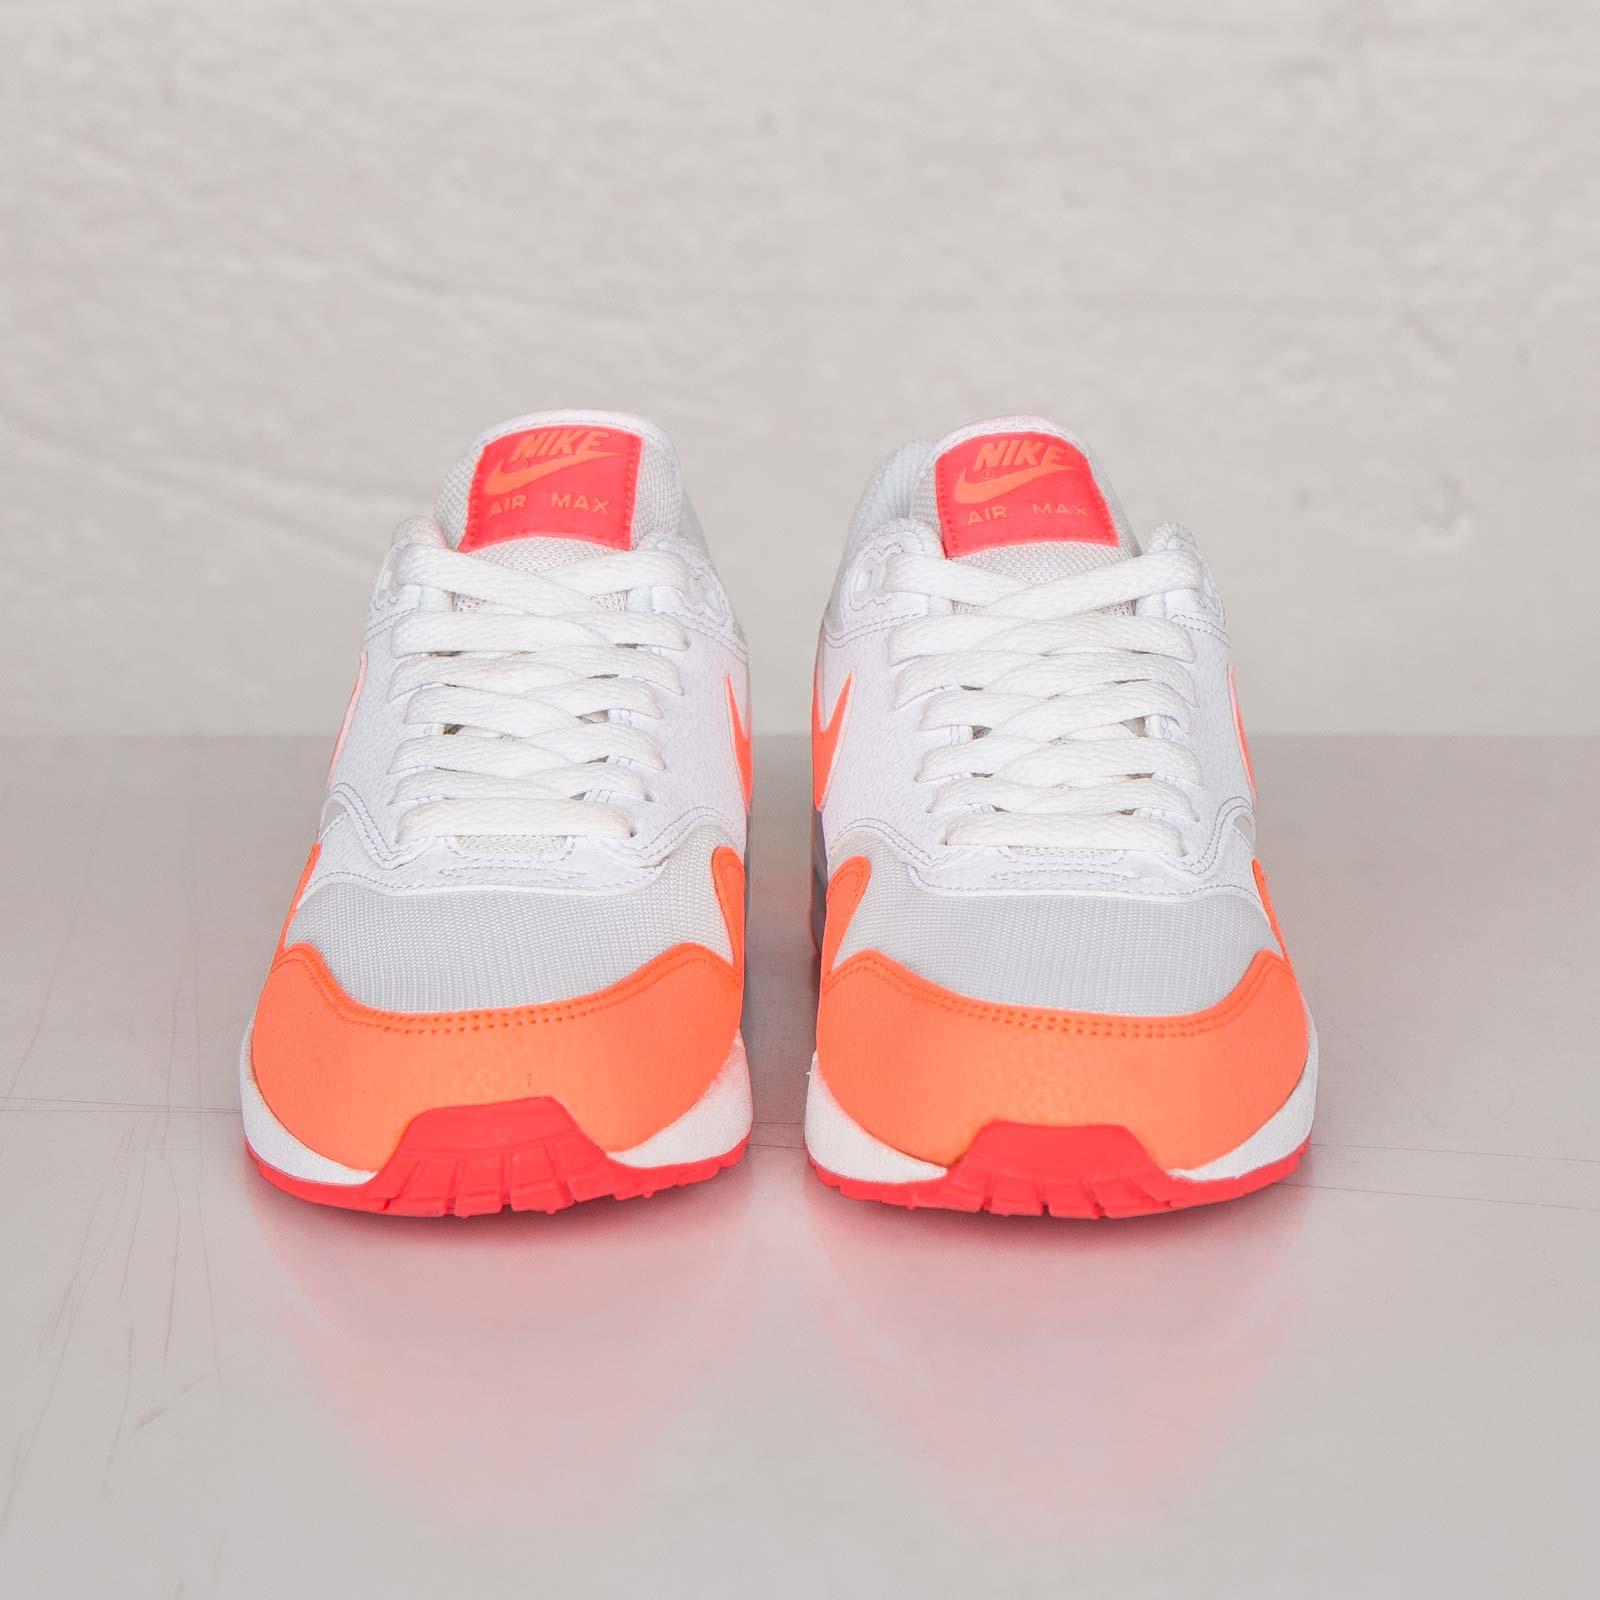 online store 4b575 57d80 Nike Wmns Air Max 1 Essential - 599820-114 - Sneakersnstuff   sneakers    streetwear online since 1999